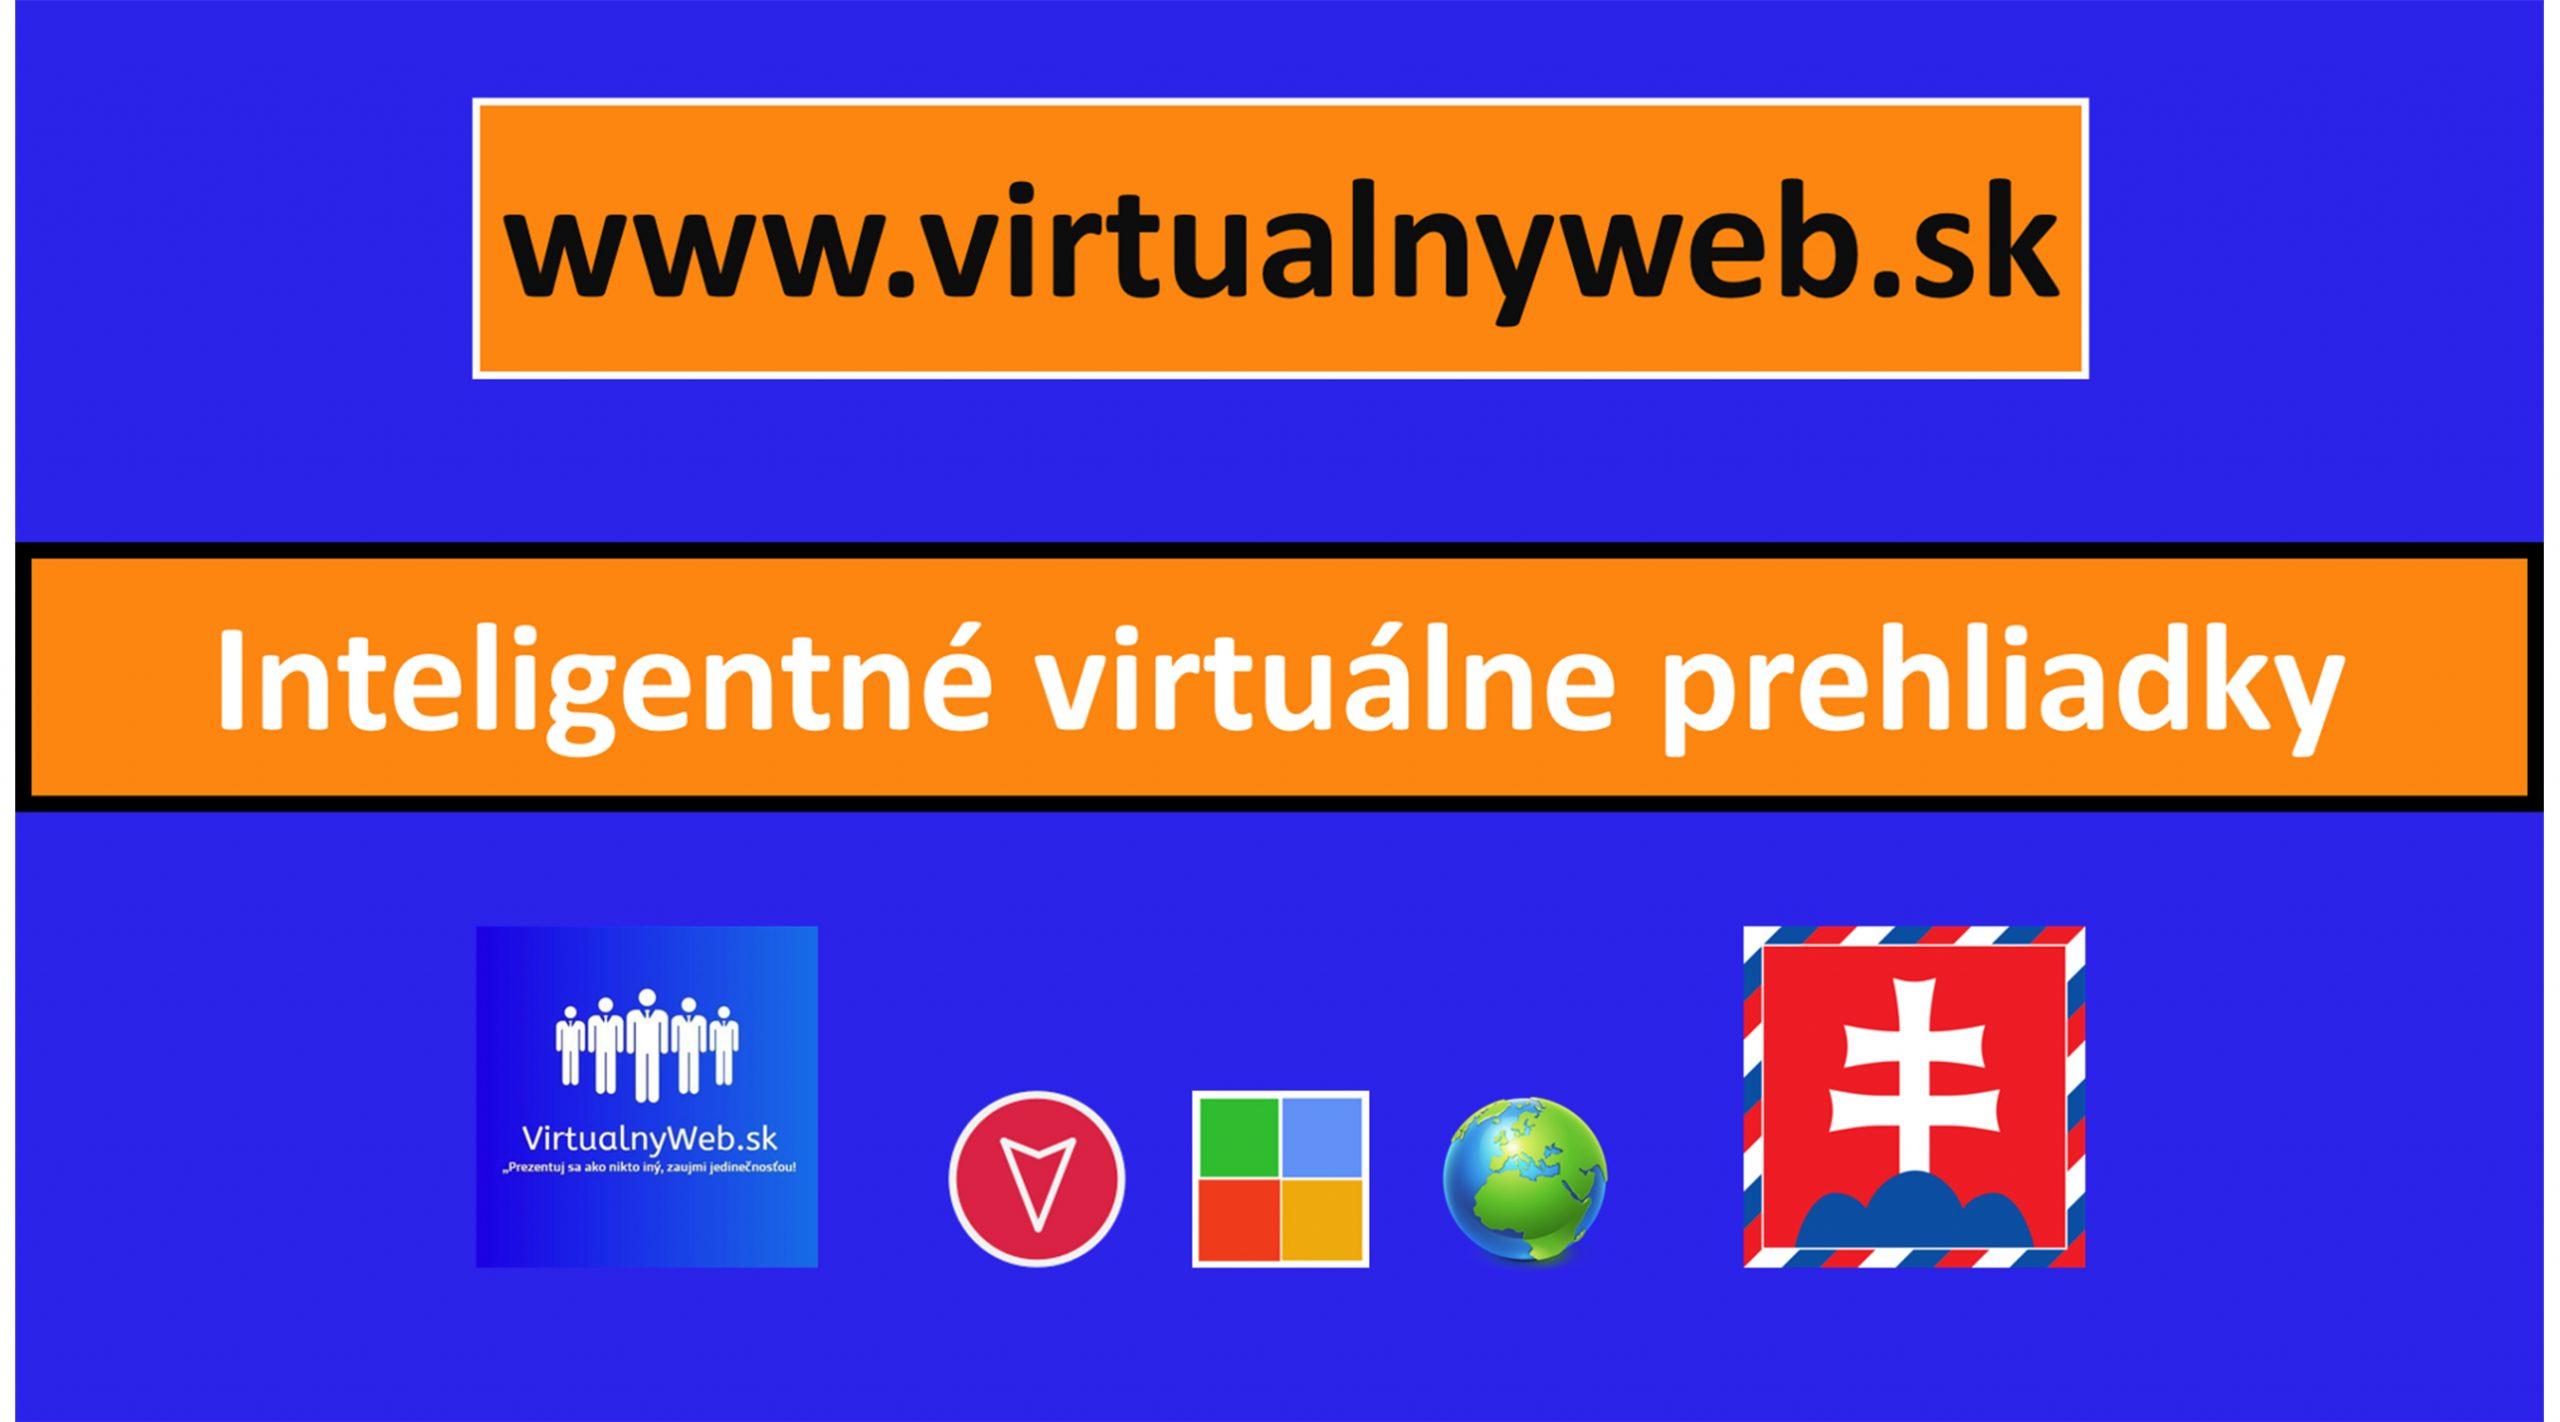 Virtualne prehliadky, virtualne webstranky, virtualna realita